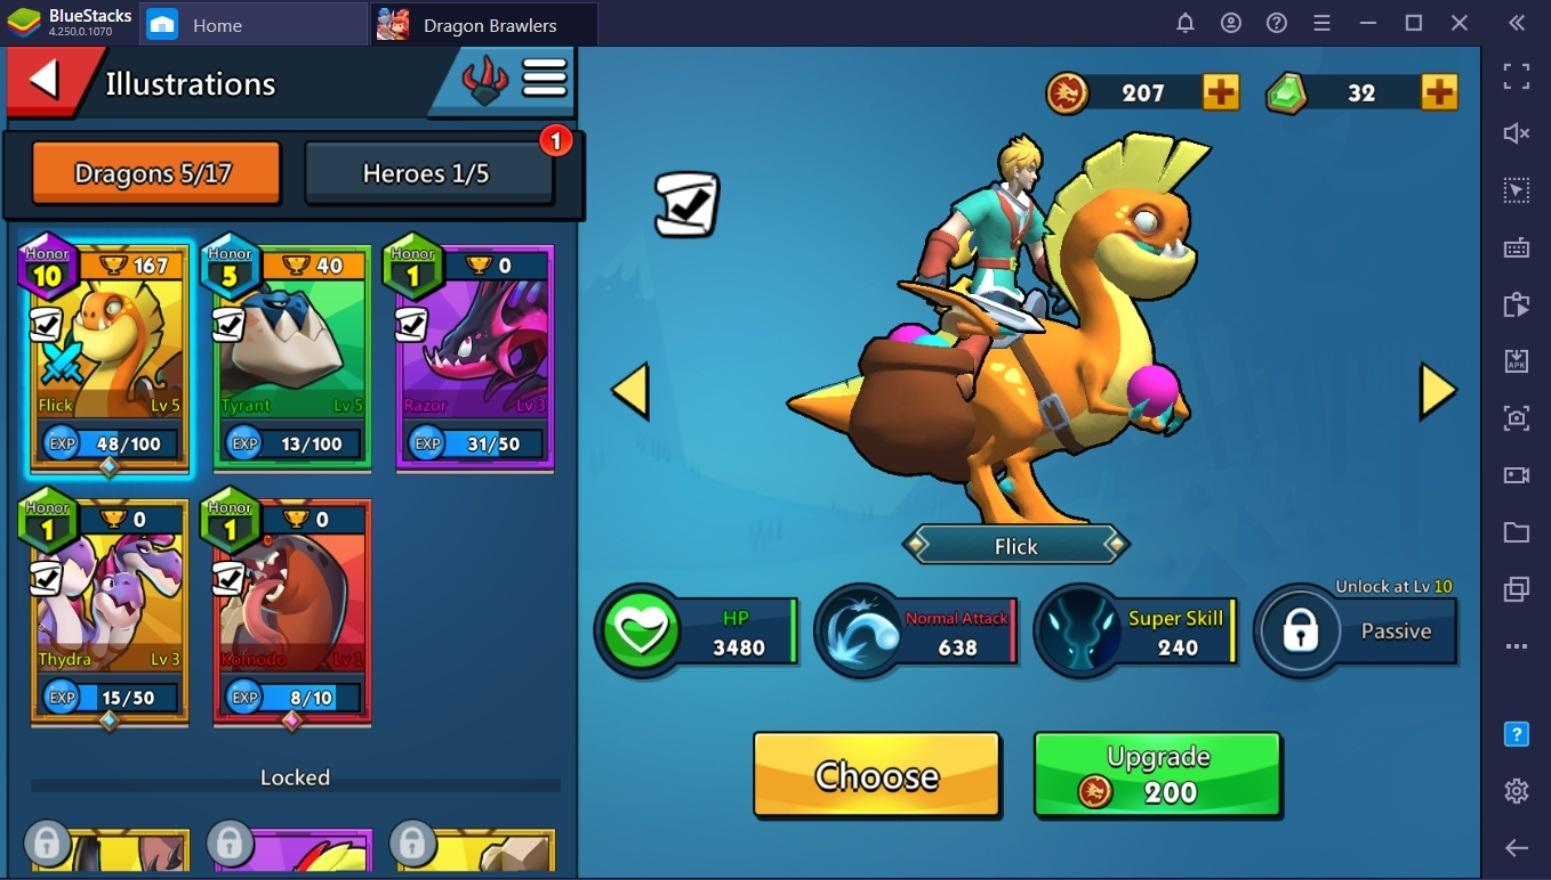 Обзорный гайд по игре Dragon Brawlers